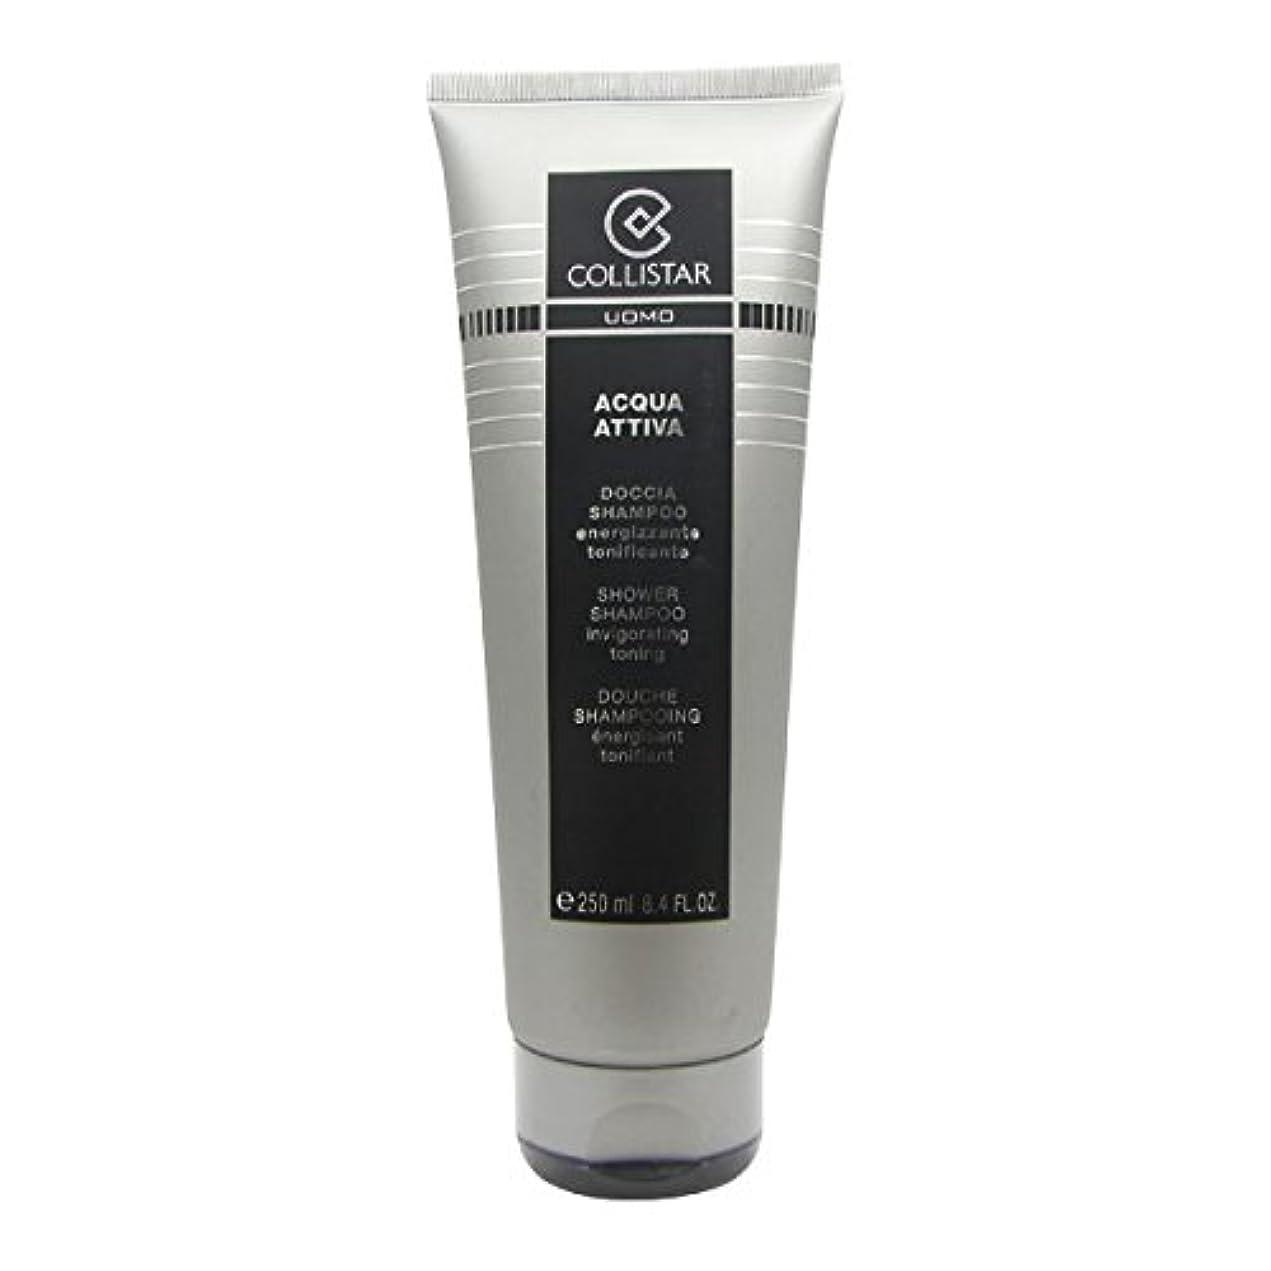 頑張る強調捨てるCollistar Men Acqua Attiva Shower Shampoo 250ml [並行輸入品]